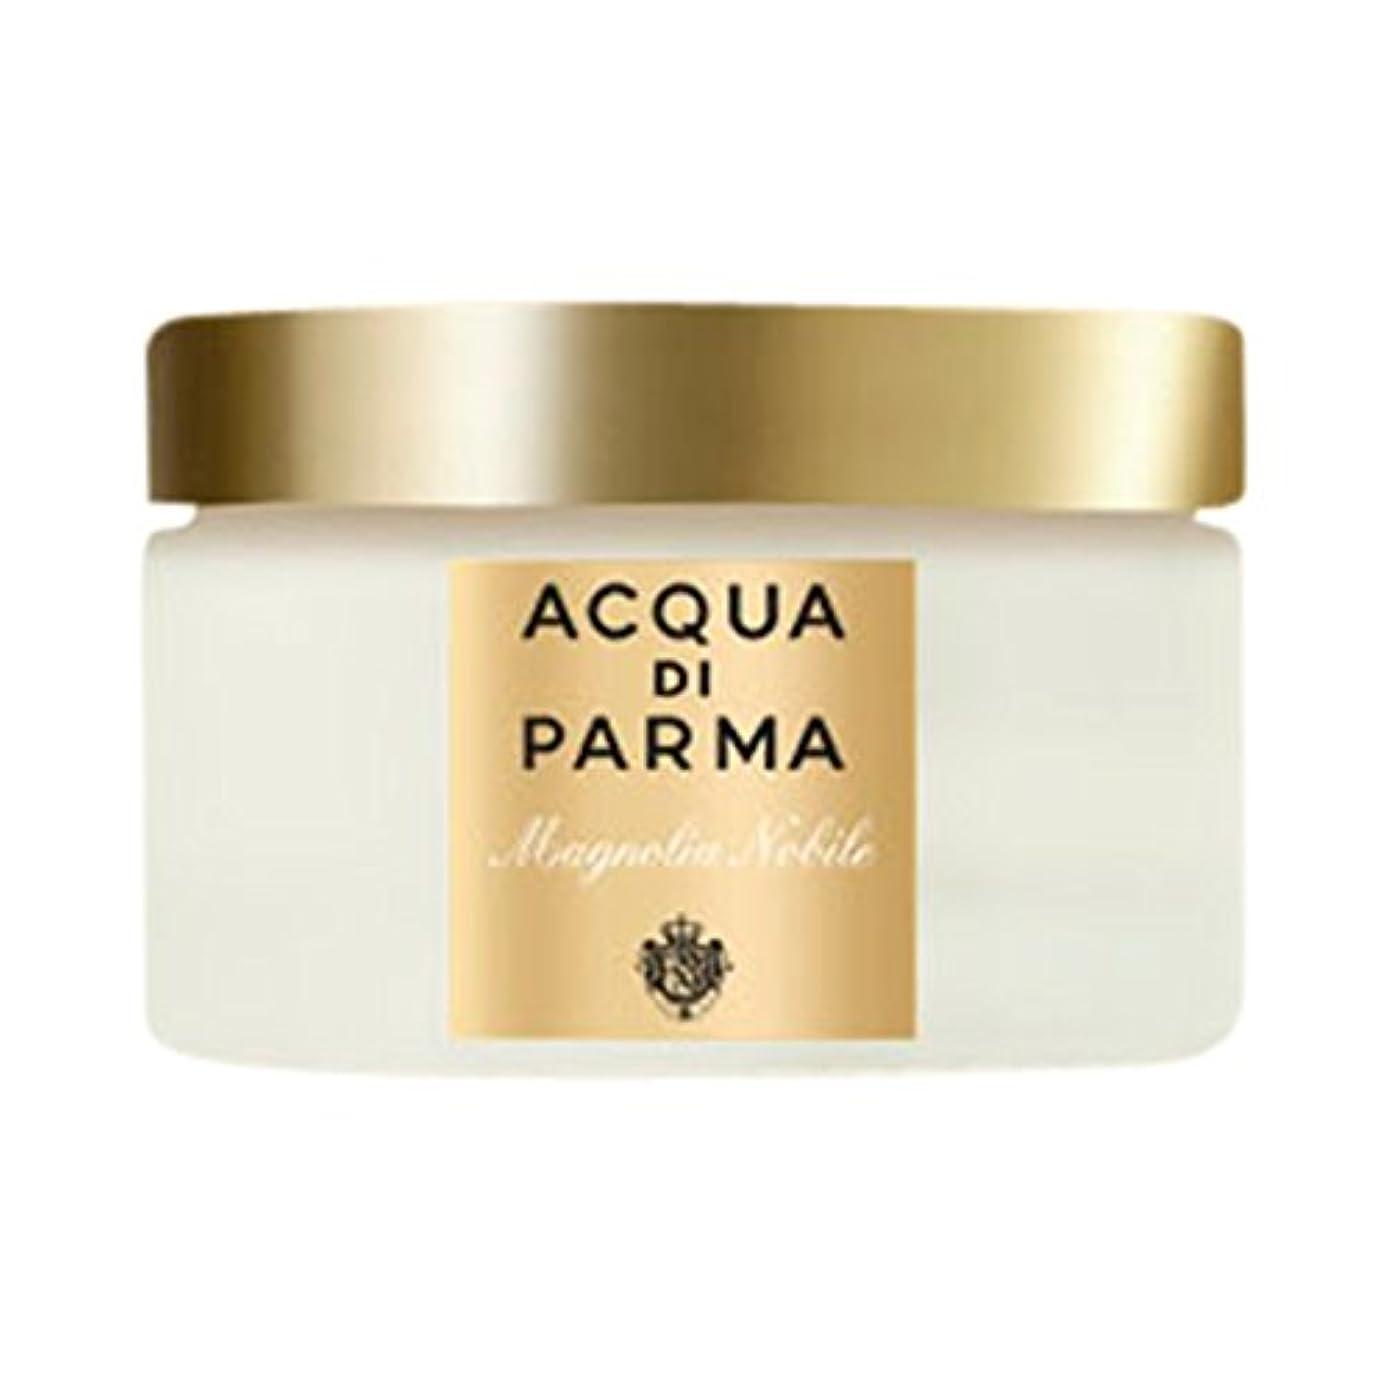 シミュレートする黒愛人ボディクリーム150ミリリットルノビルアクア?ディ?パルマモクレン (Acqua di Parma) - Acqua di Parma Magnolia Nobile Body Cream 150ml [並行輸入品]